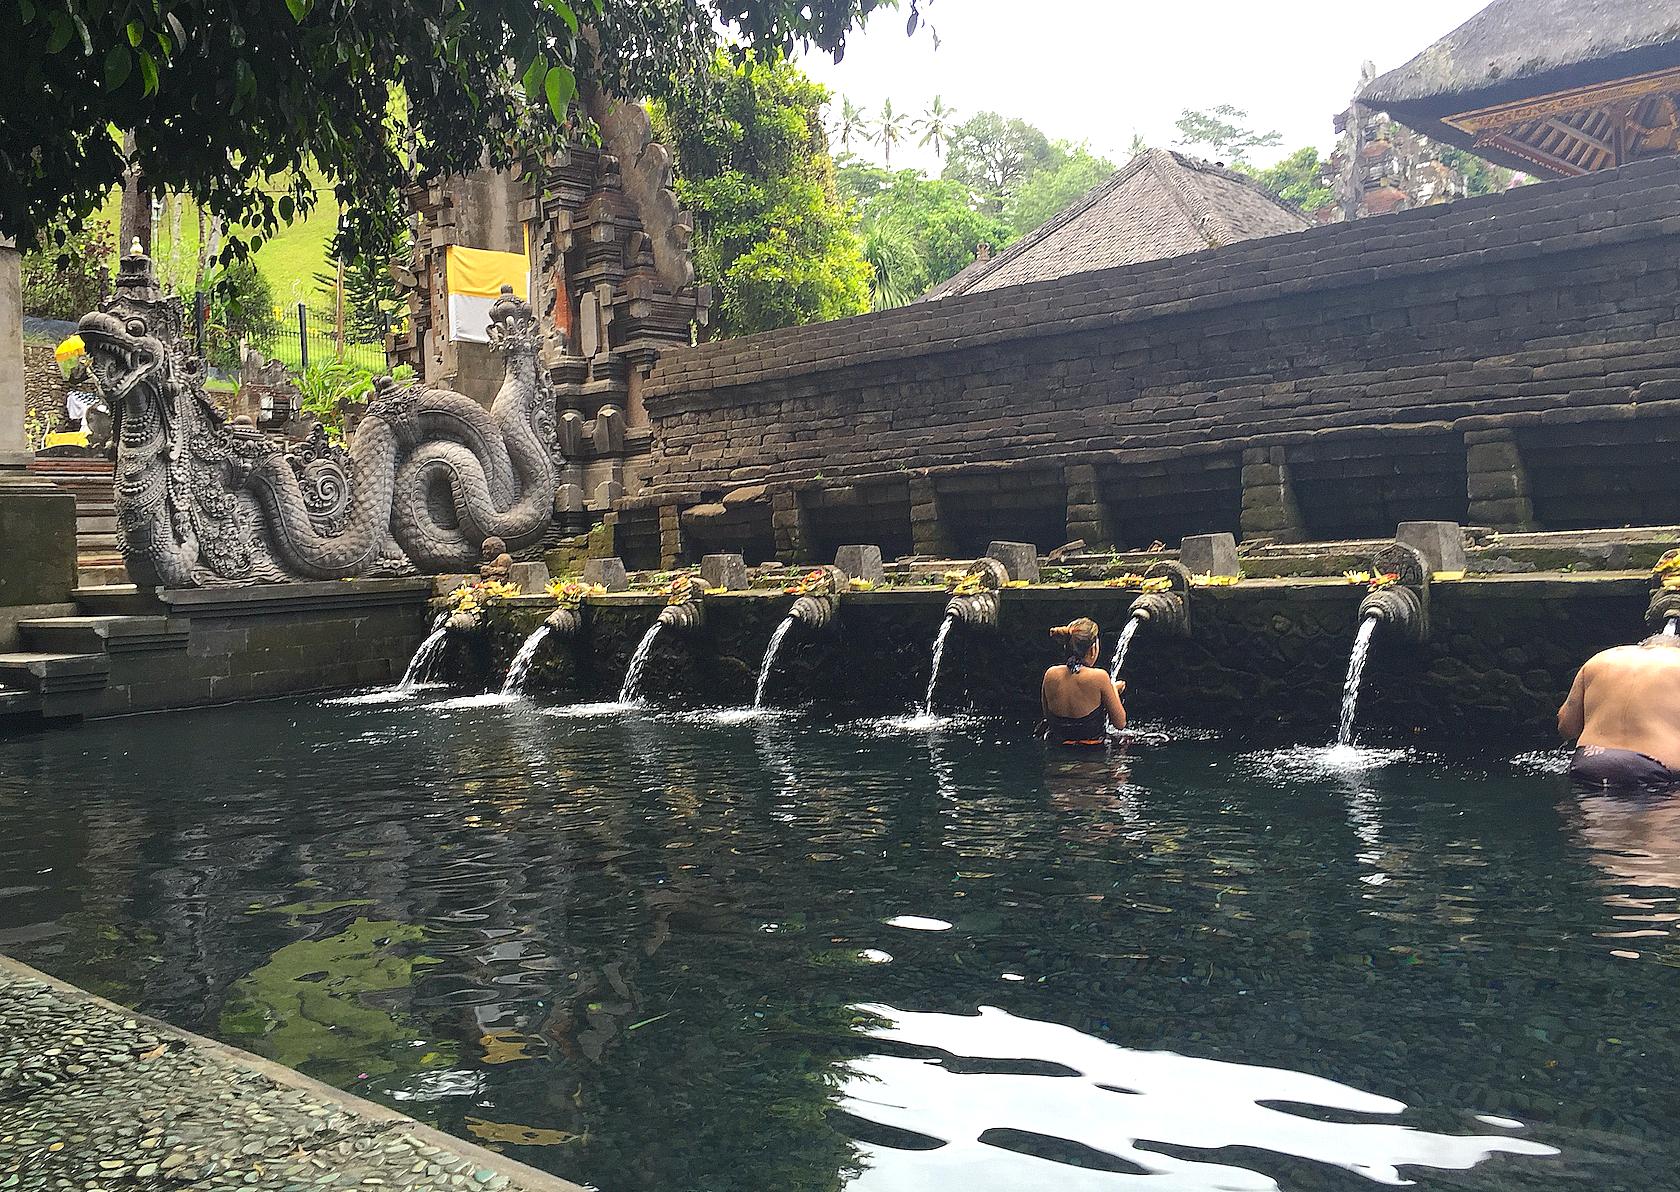 Vannet fra kilden overnfor bassenget har helbredende kraft, ifølge mytene.